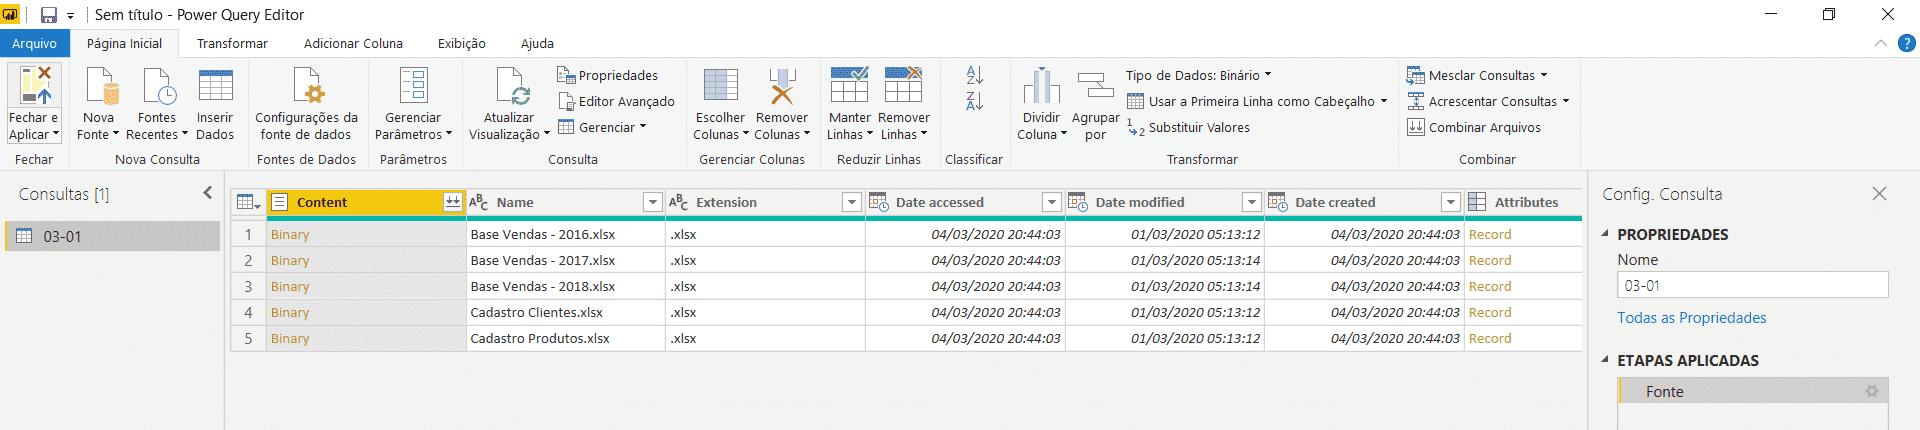 Arquivos importados para o ambiente do Power Query